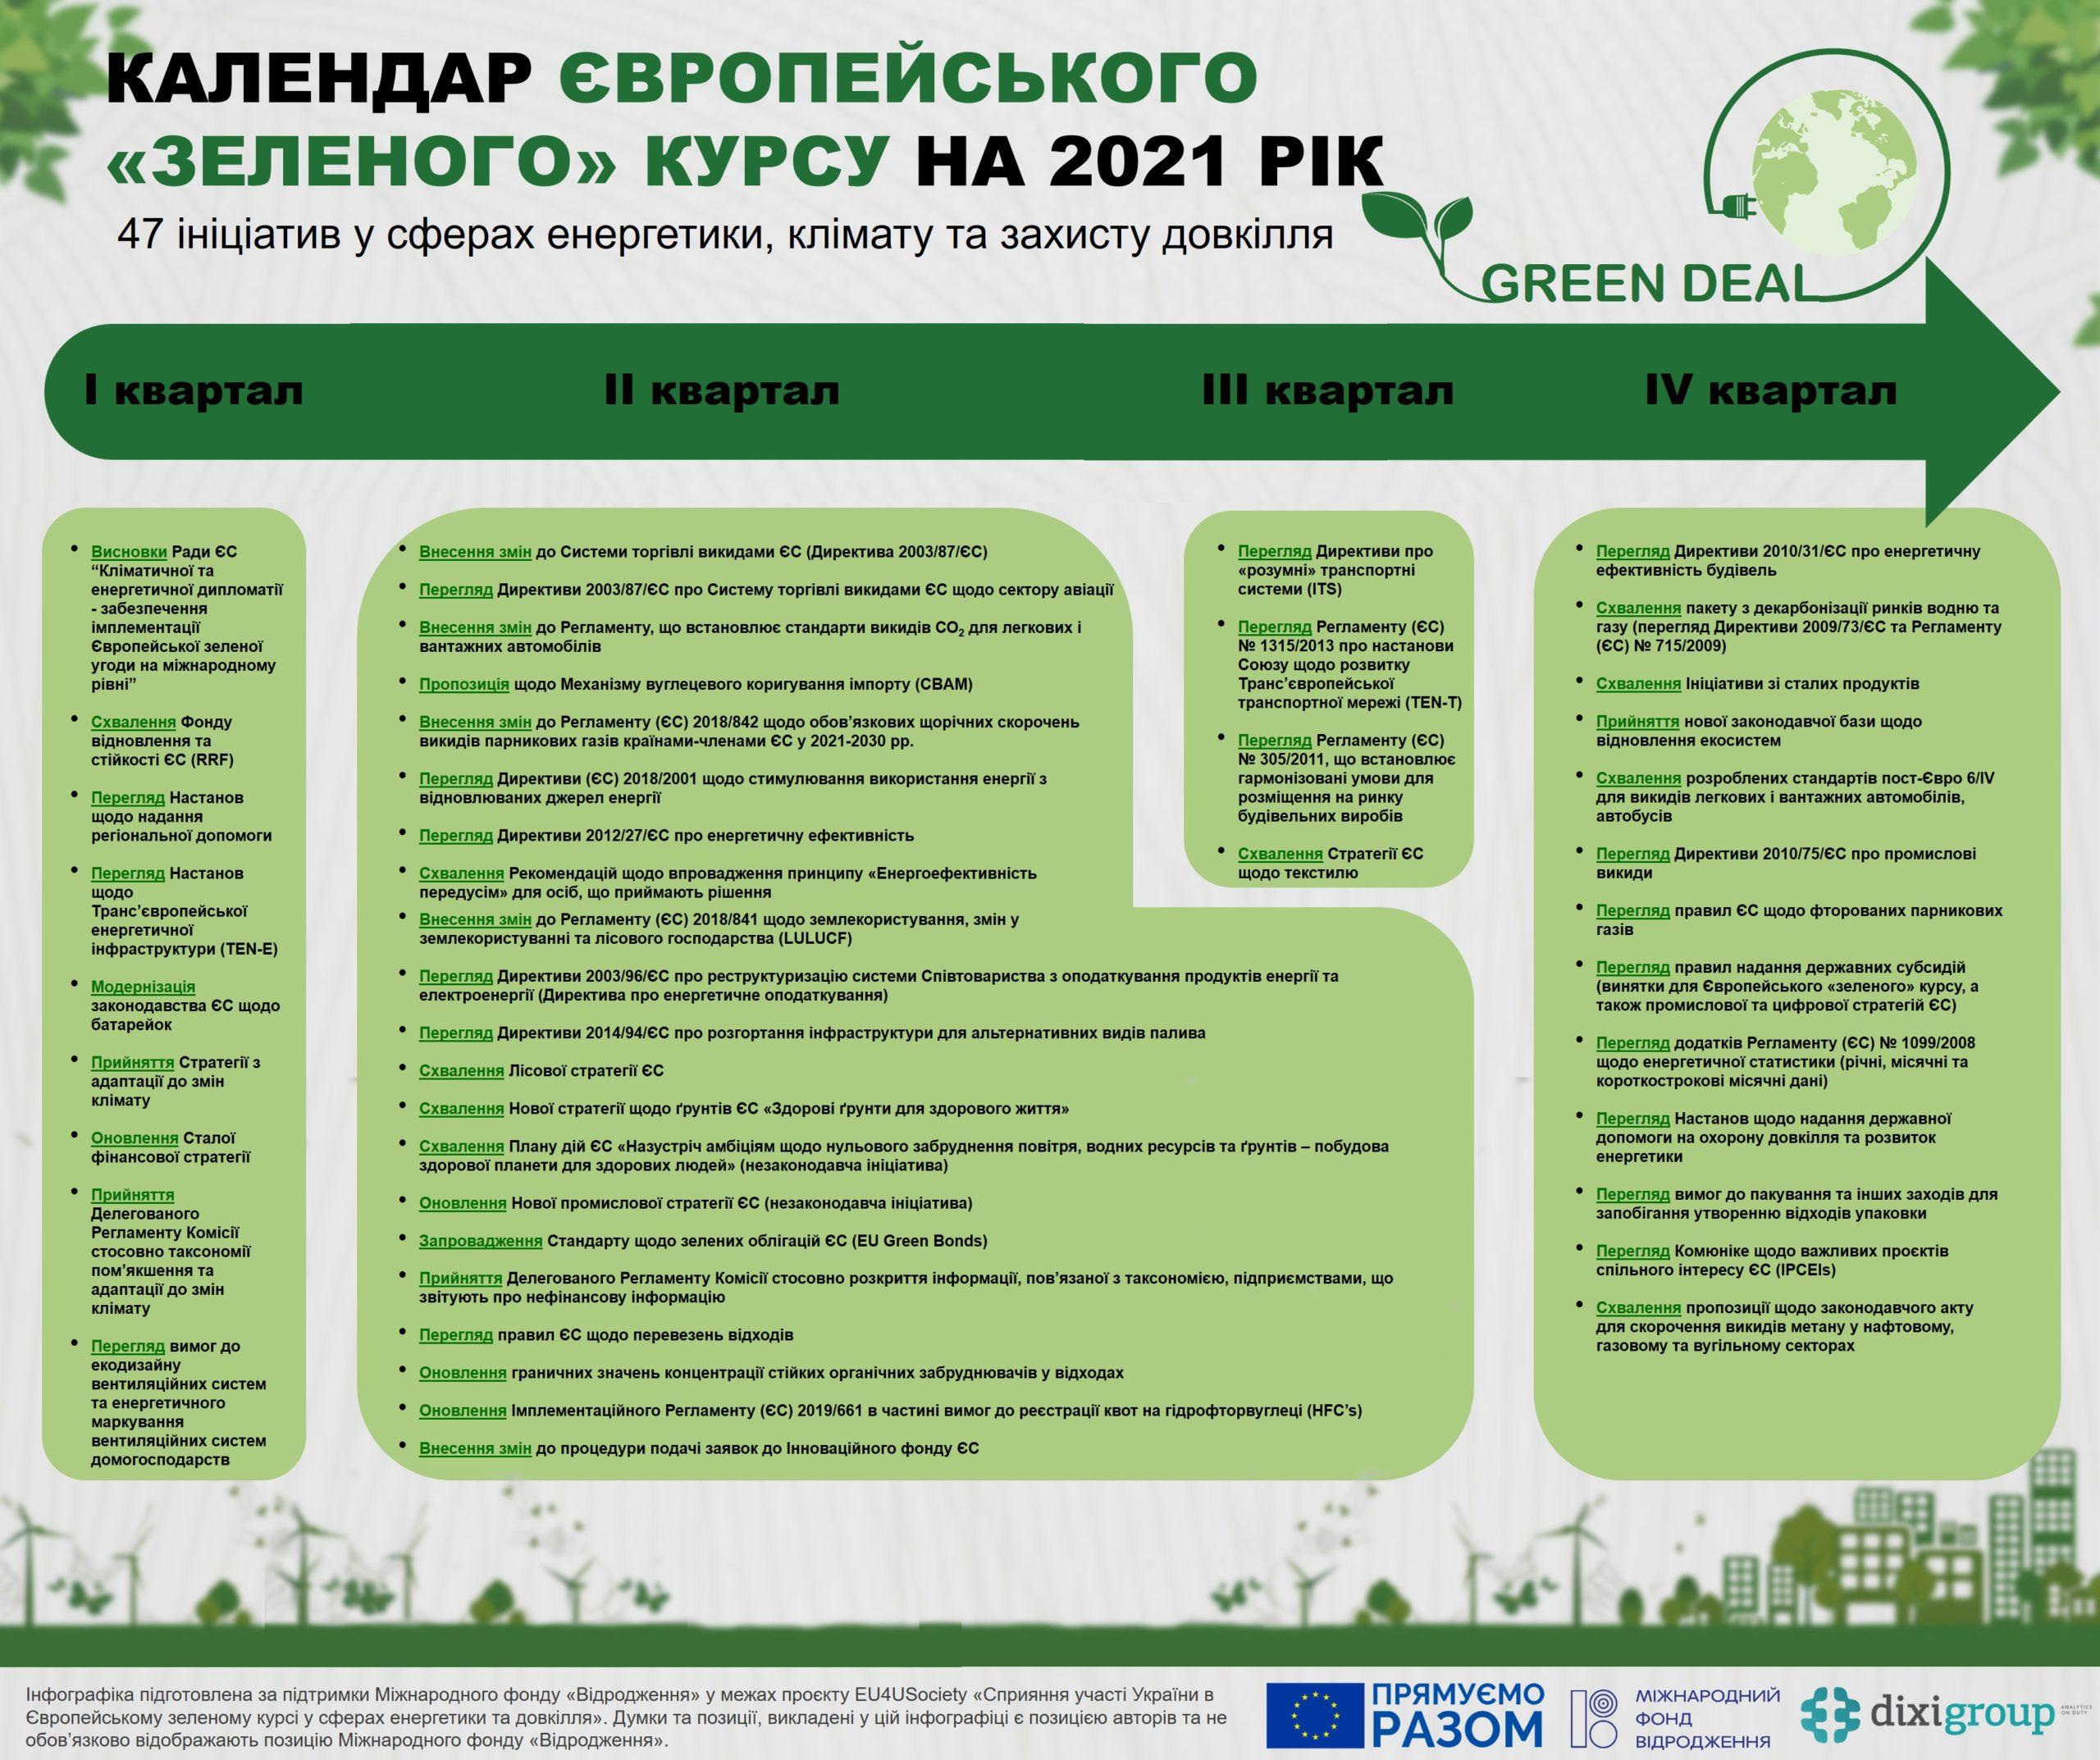 Календар Європейського Зеленого курсу на 2021 рік